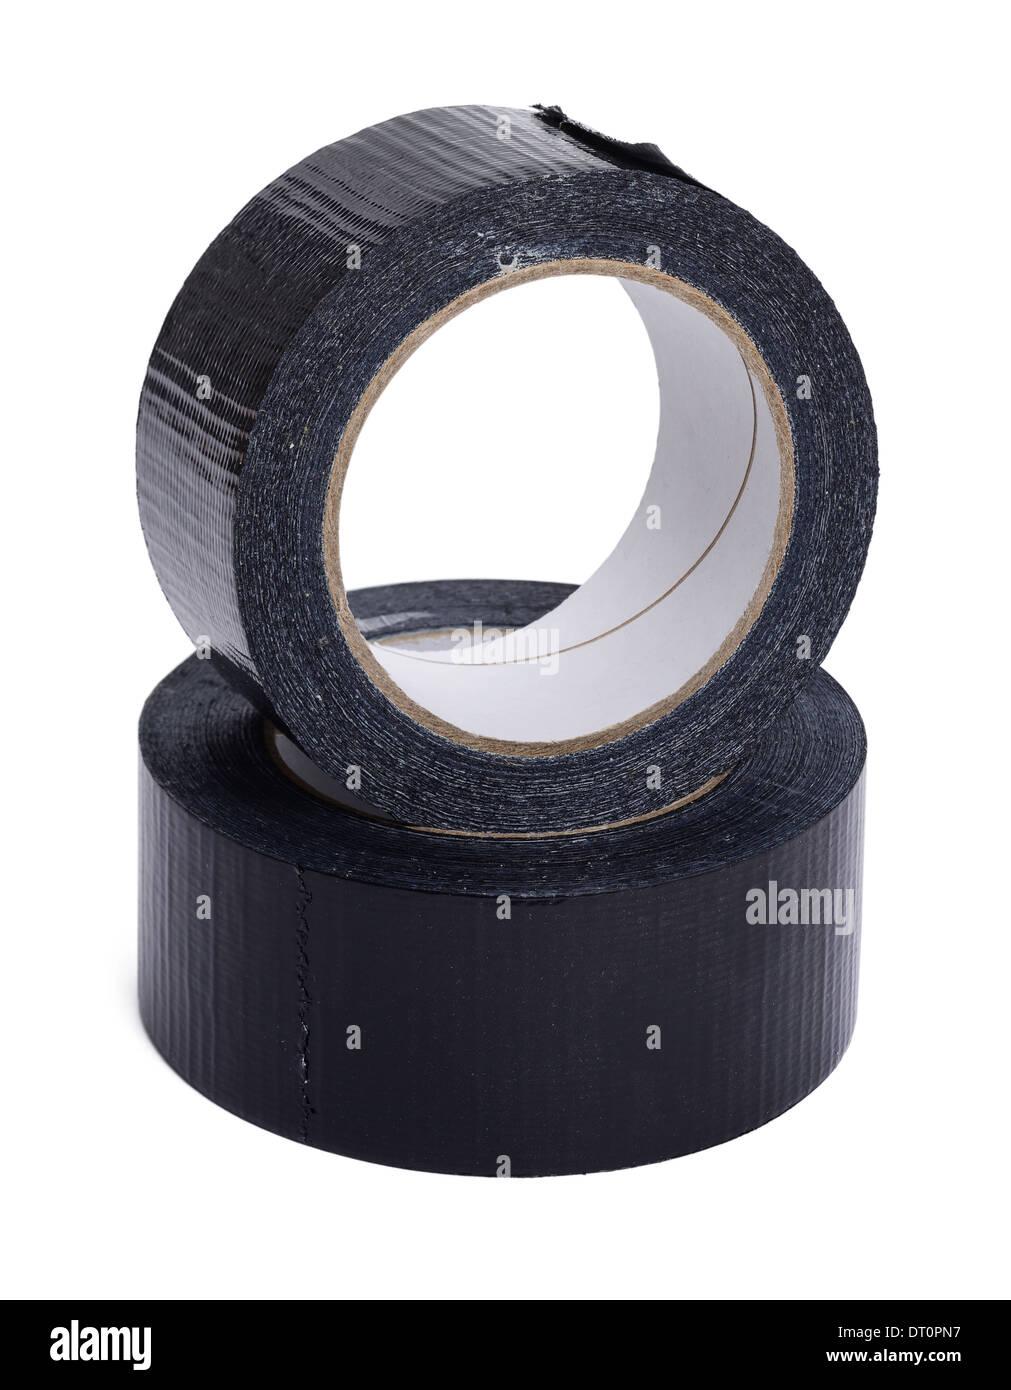 Deux rouleaux de ruban adhésif noir Photo Stock